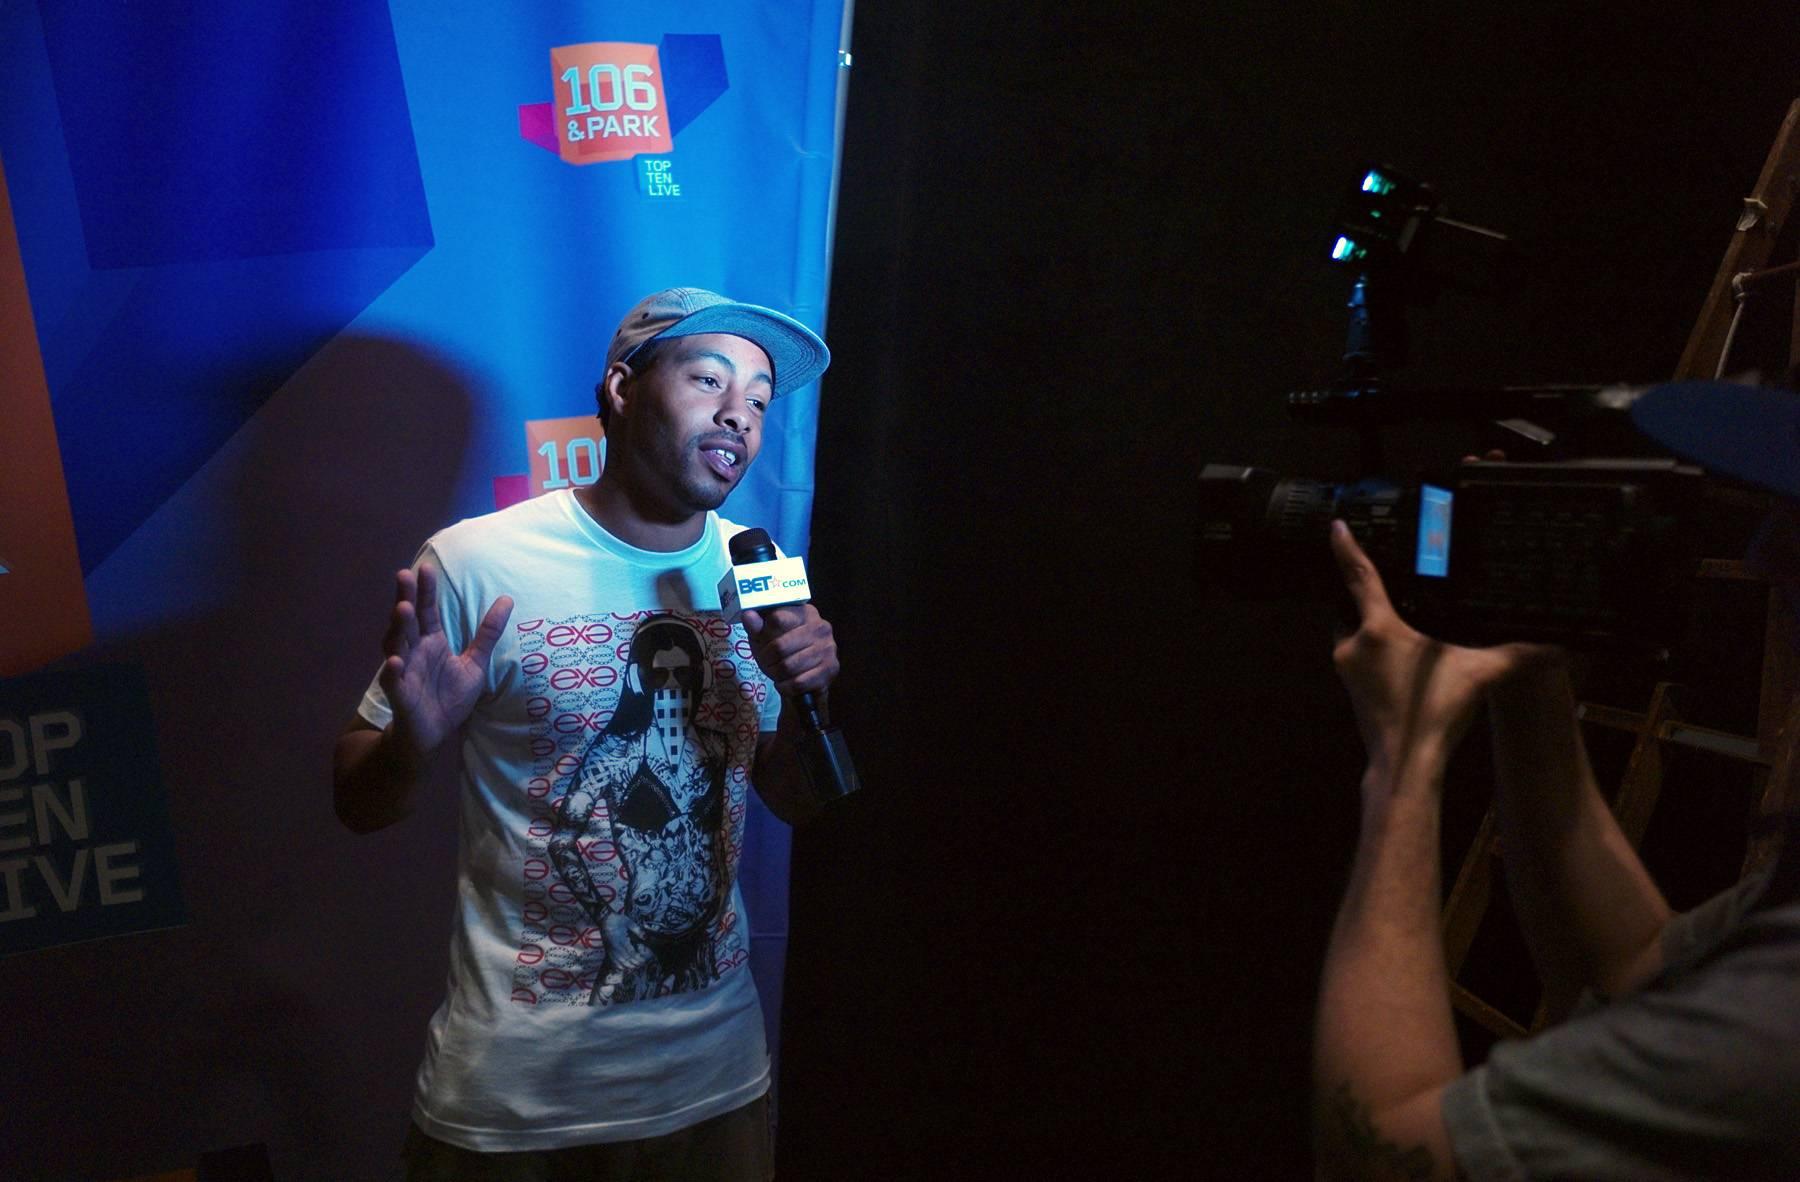 Holla At Me - BET.com talks to Brigante at 106 & Park, May 25, 2012. (Photo: John Ricard / BET)